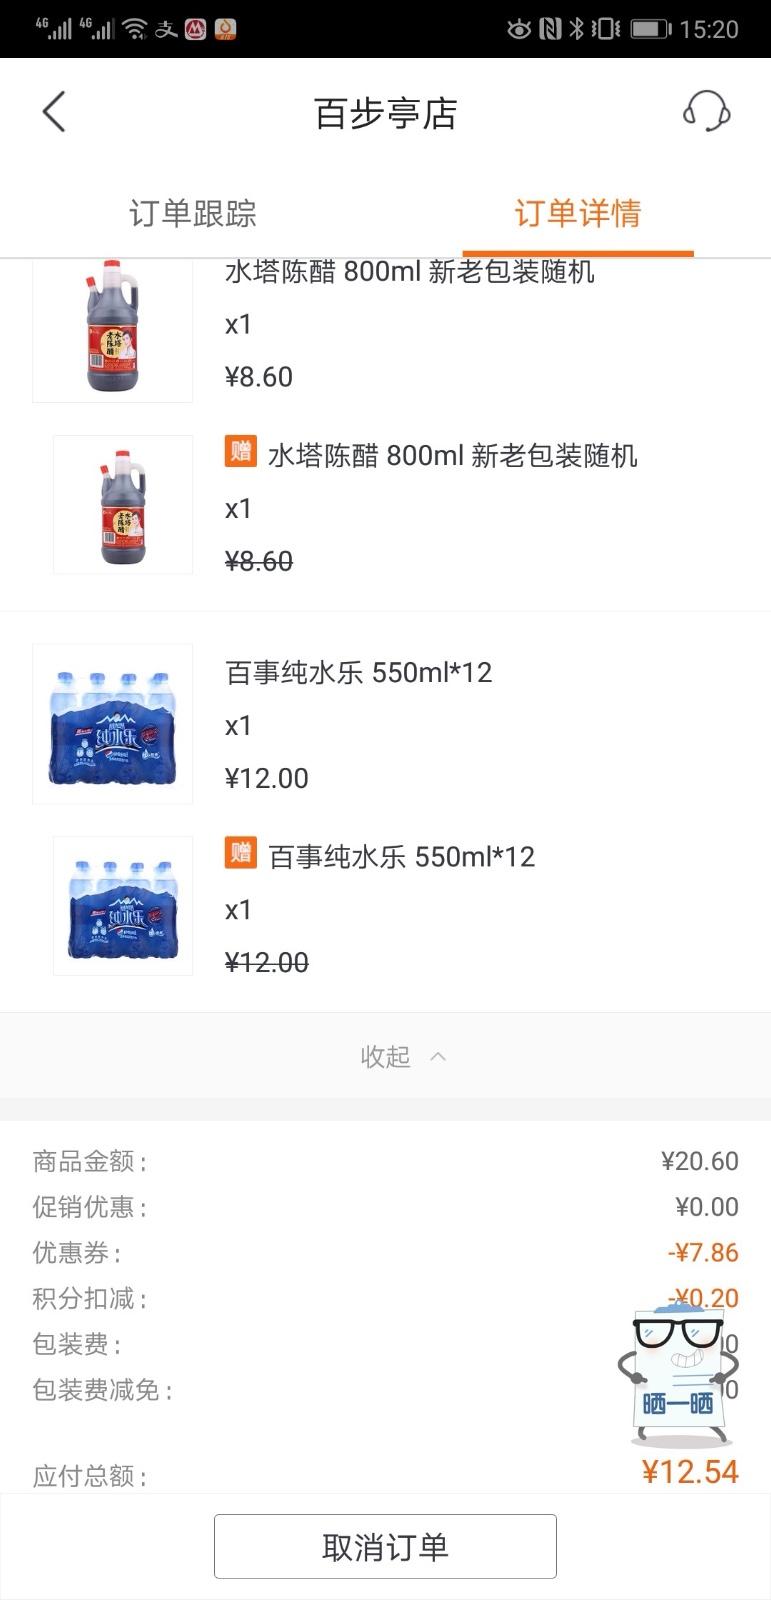 【折扣】618年中折扣,12.54买了两件纯水乐,两壶水塔醋,买得我都不好意思!